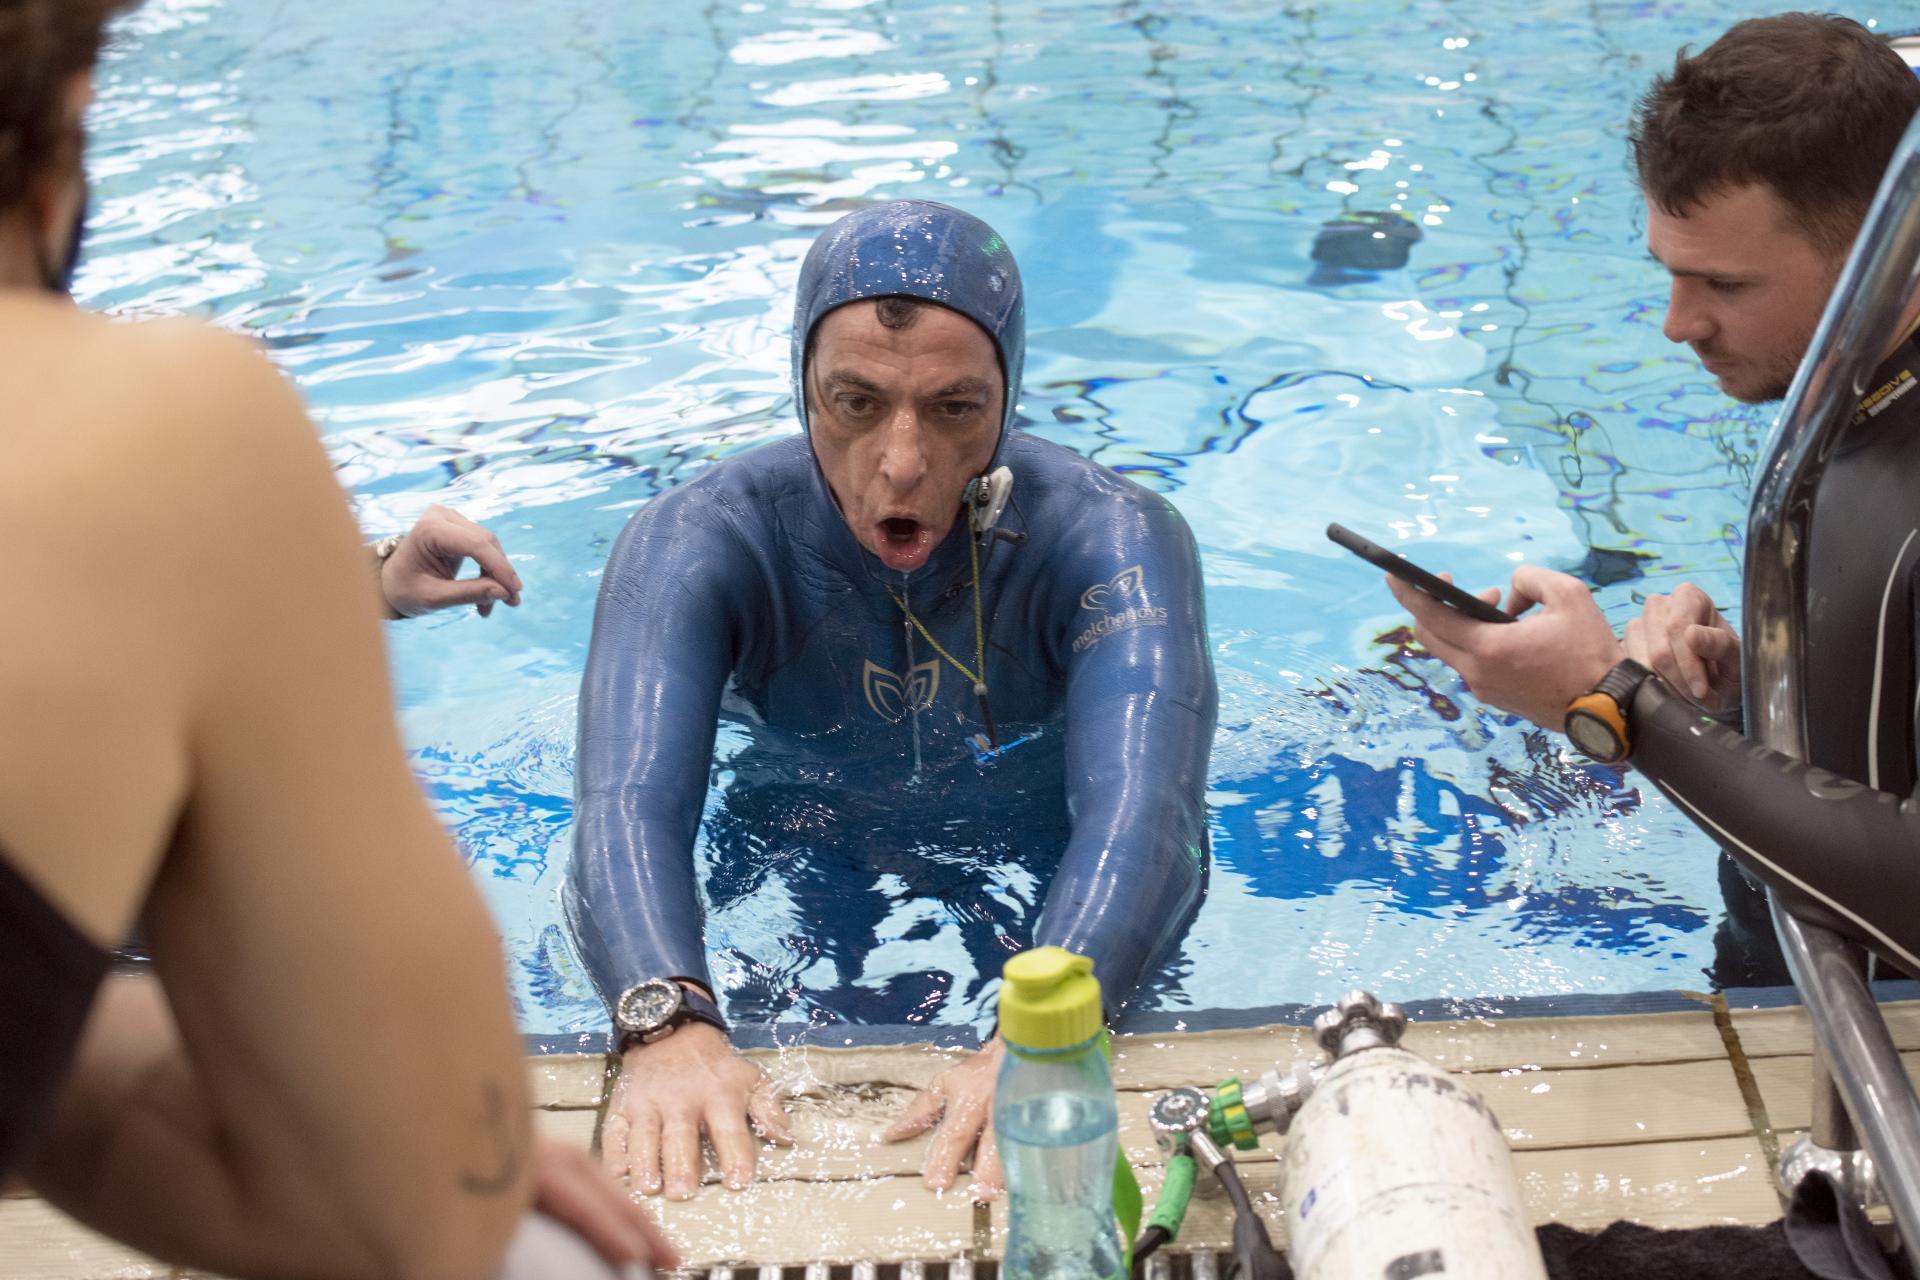 غطاس كرواتى 54 عاما يحبس أنفاسه أكثر من 24 دقيقه تحت الماء (1)